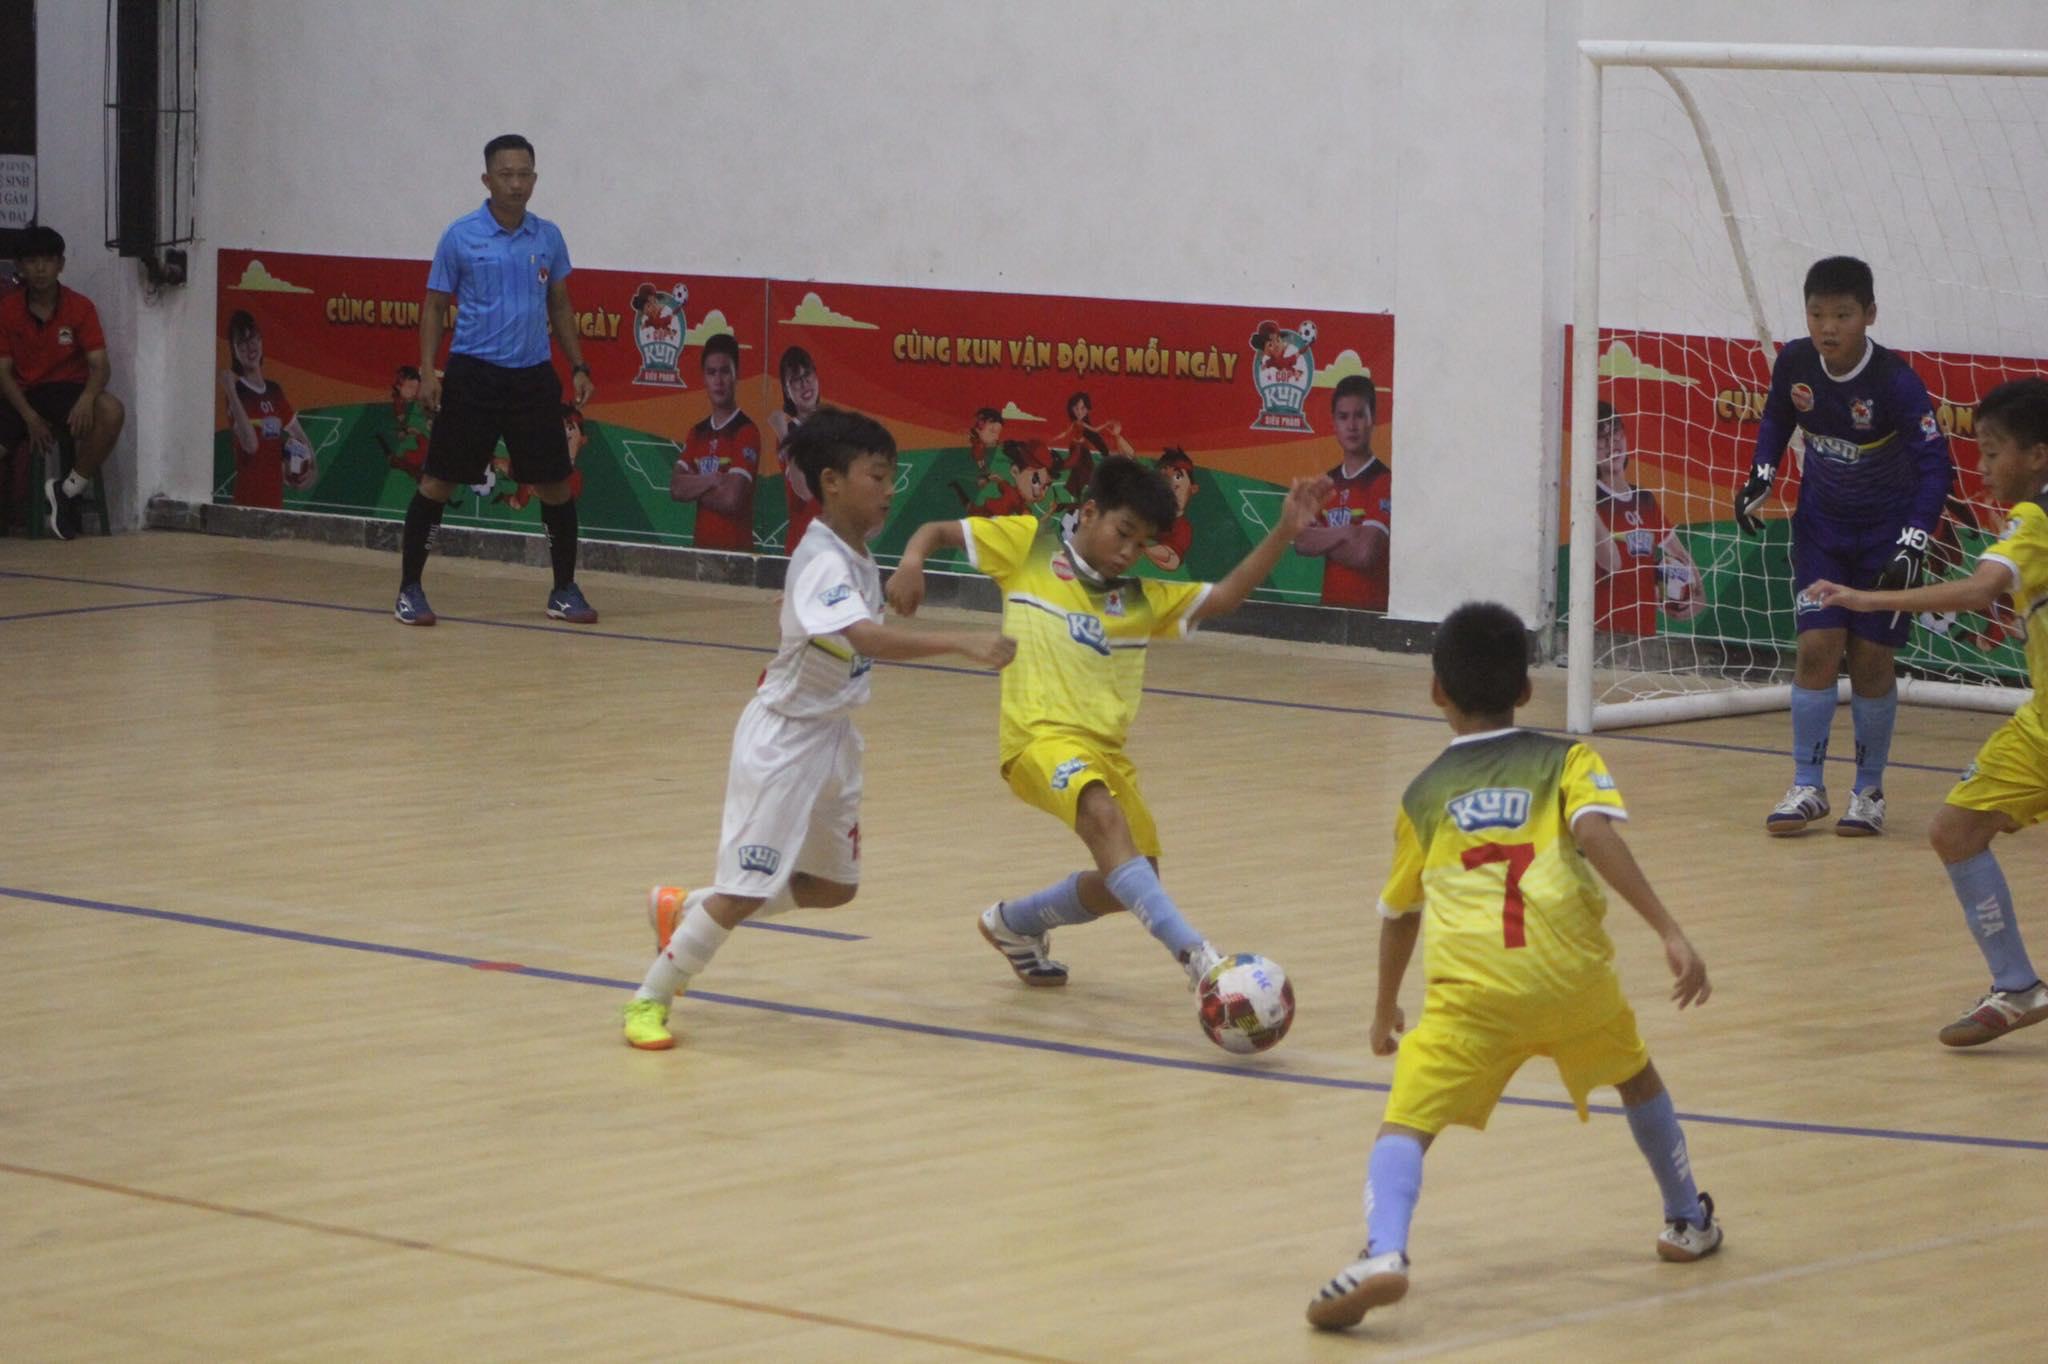 VCK Giải bóng đá Nhi đồng toàn quốc Cúp Kun Siêu Phàm 2020: Chủ nhà Phú Yên thua nhà ĐKVĐ Sông Lam Nghệ An